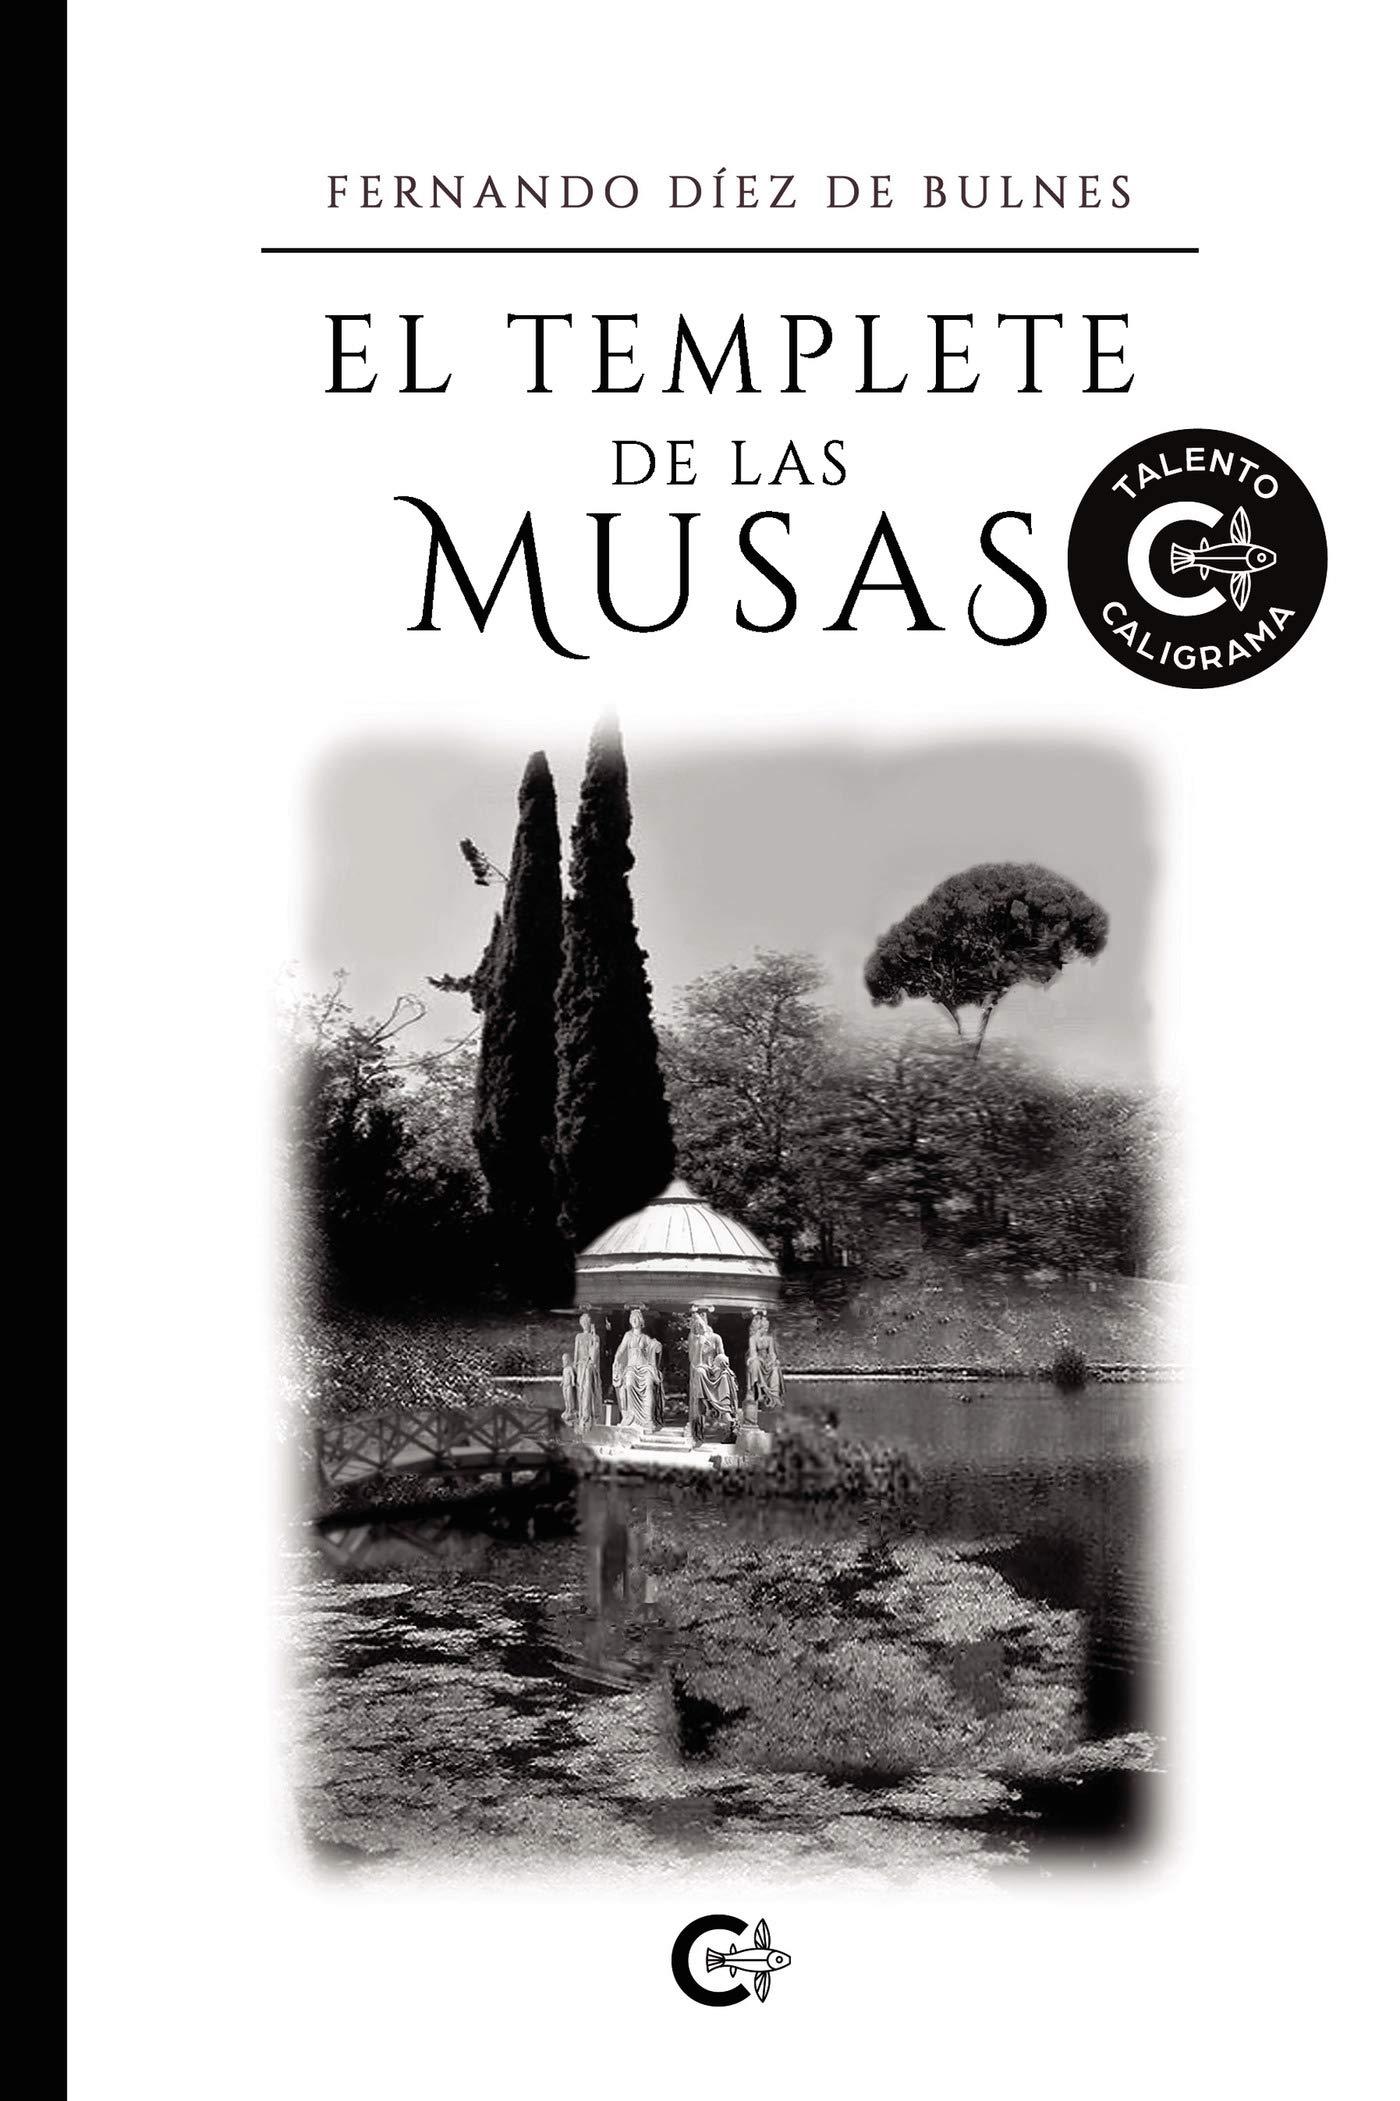 """Fernando Díez de Bulnes: """"El templete de las musas"""""""